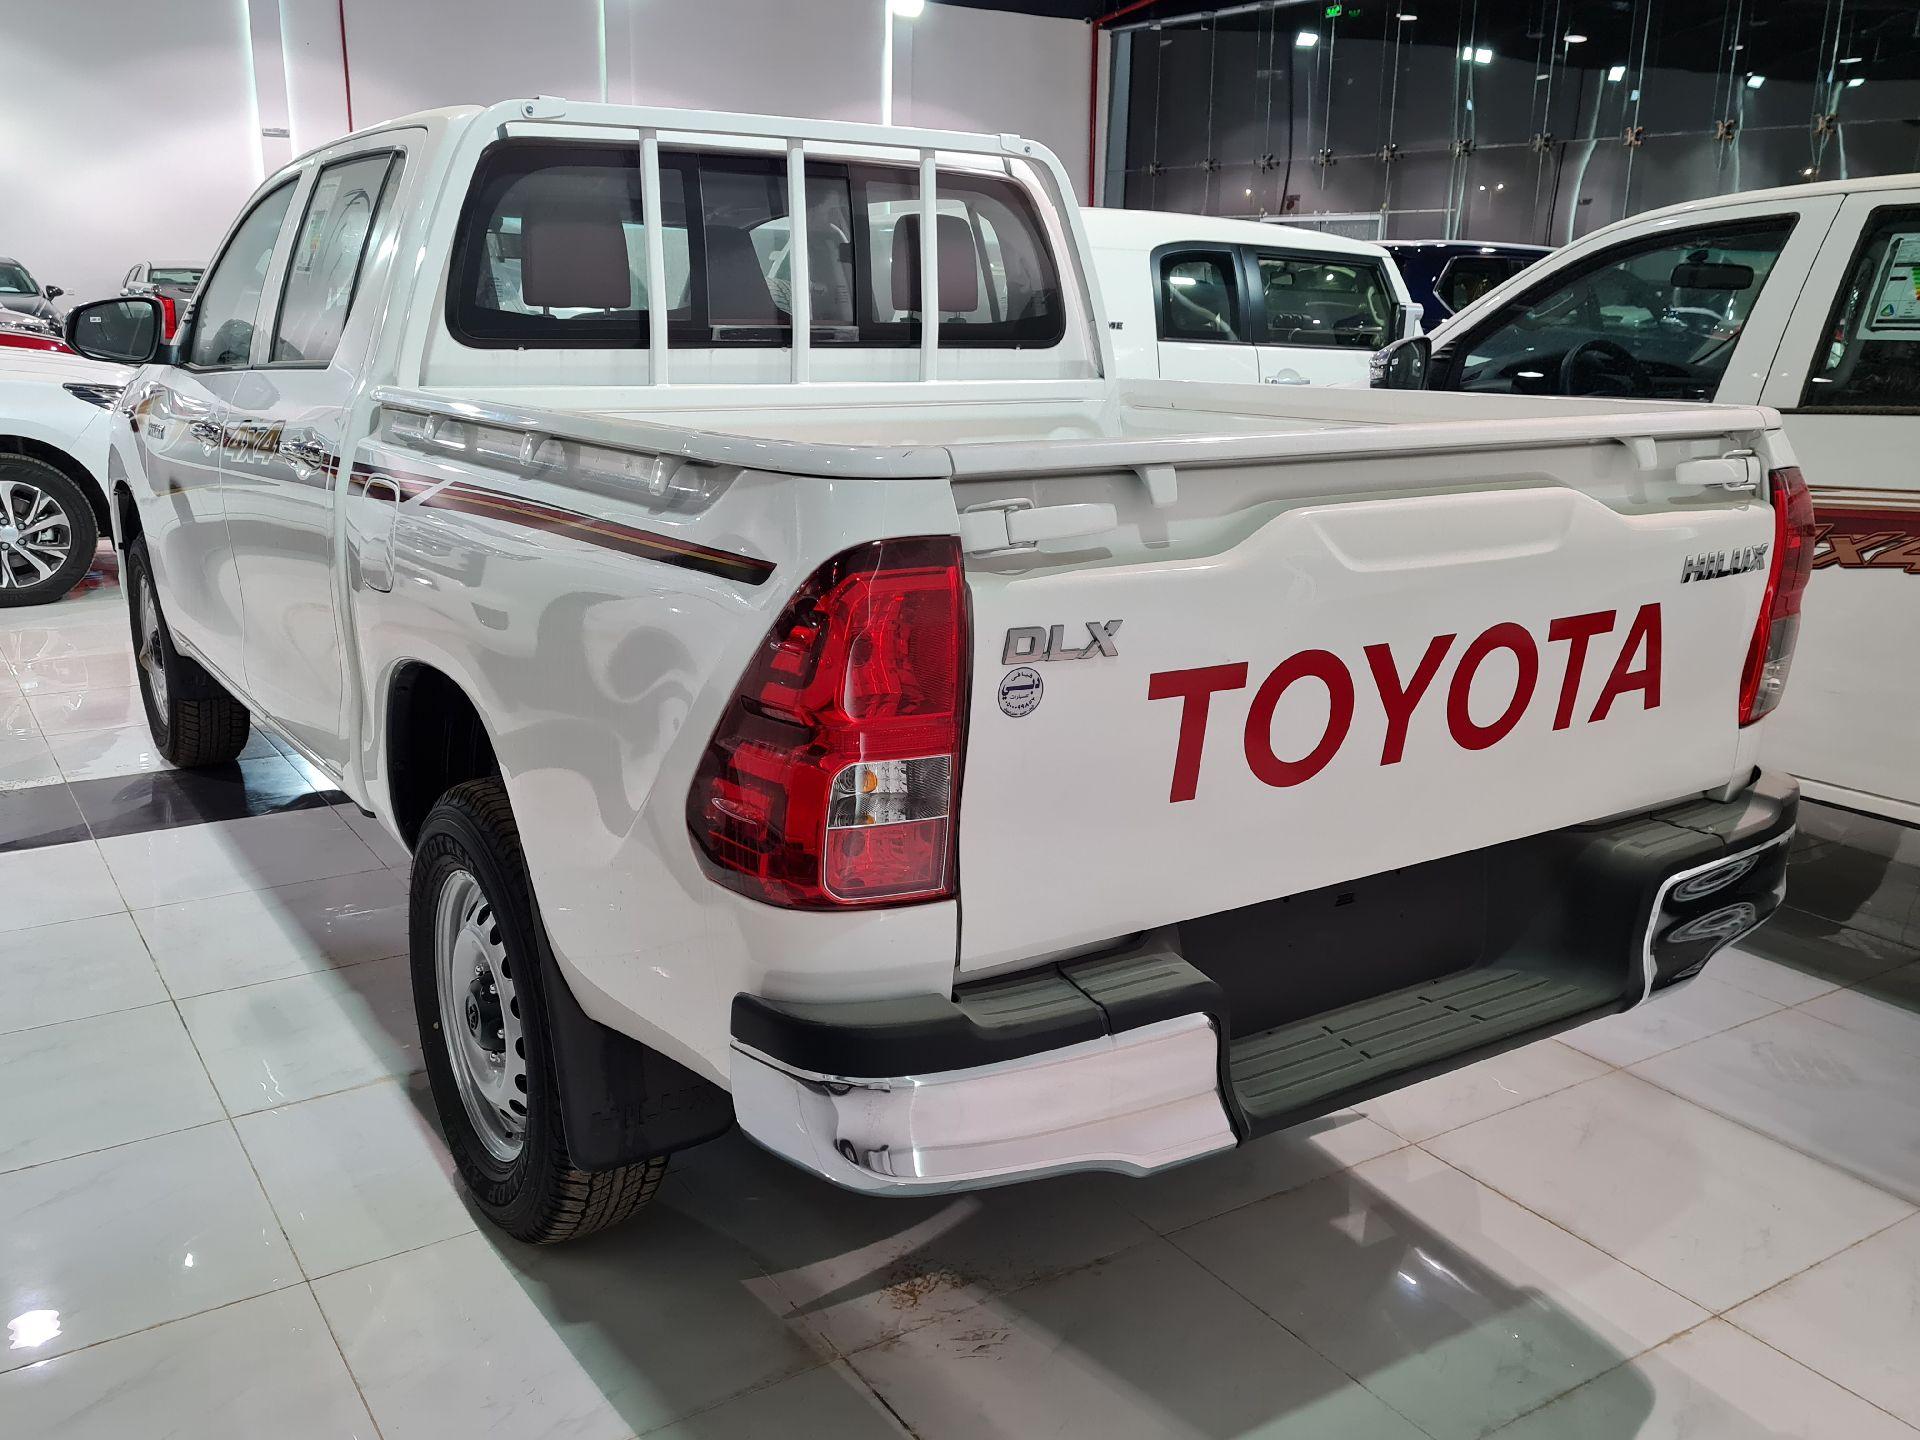 تويوتا هايلكس 2021 للبيع للبيع في الرياض - السعودية - صورة كبيرة - 5